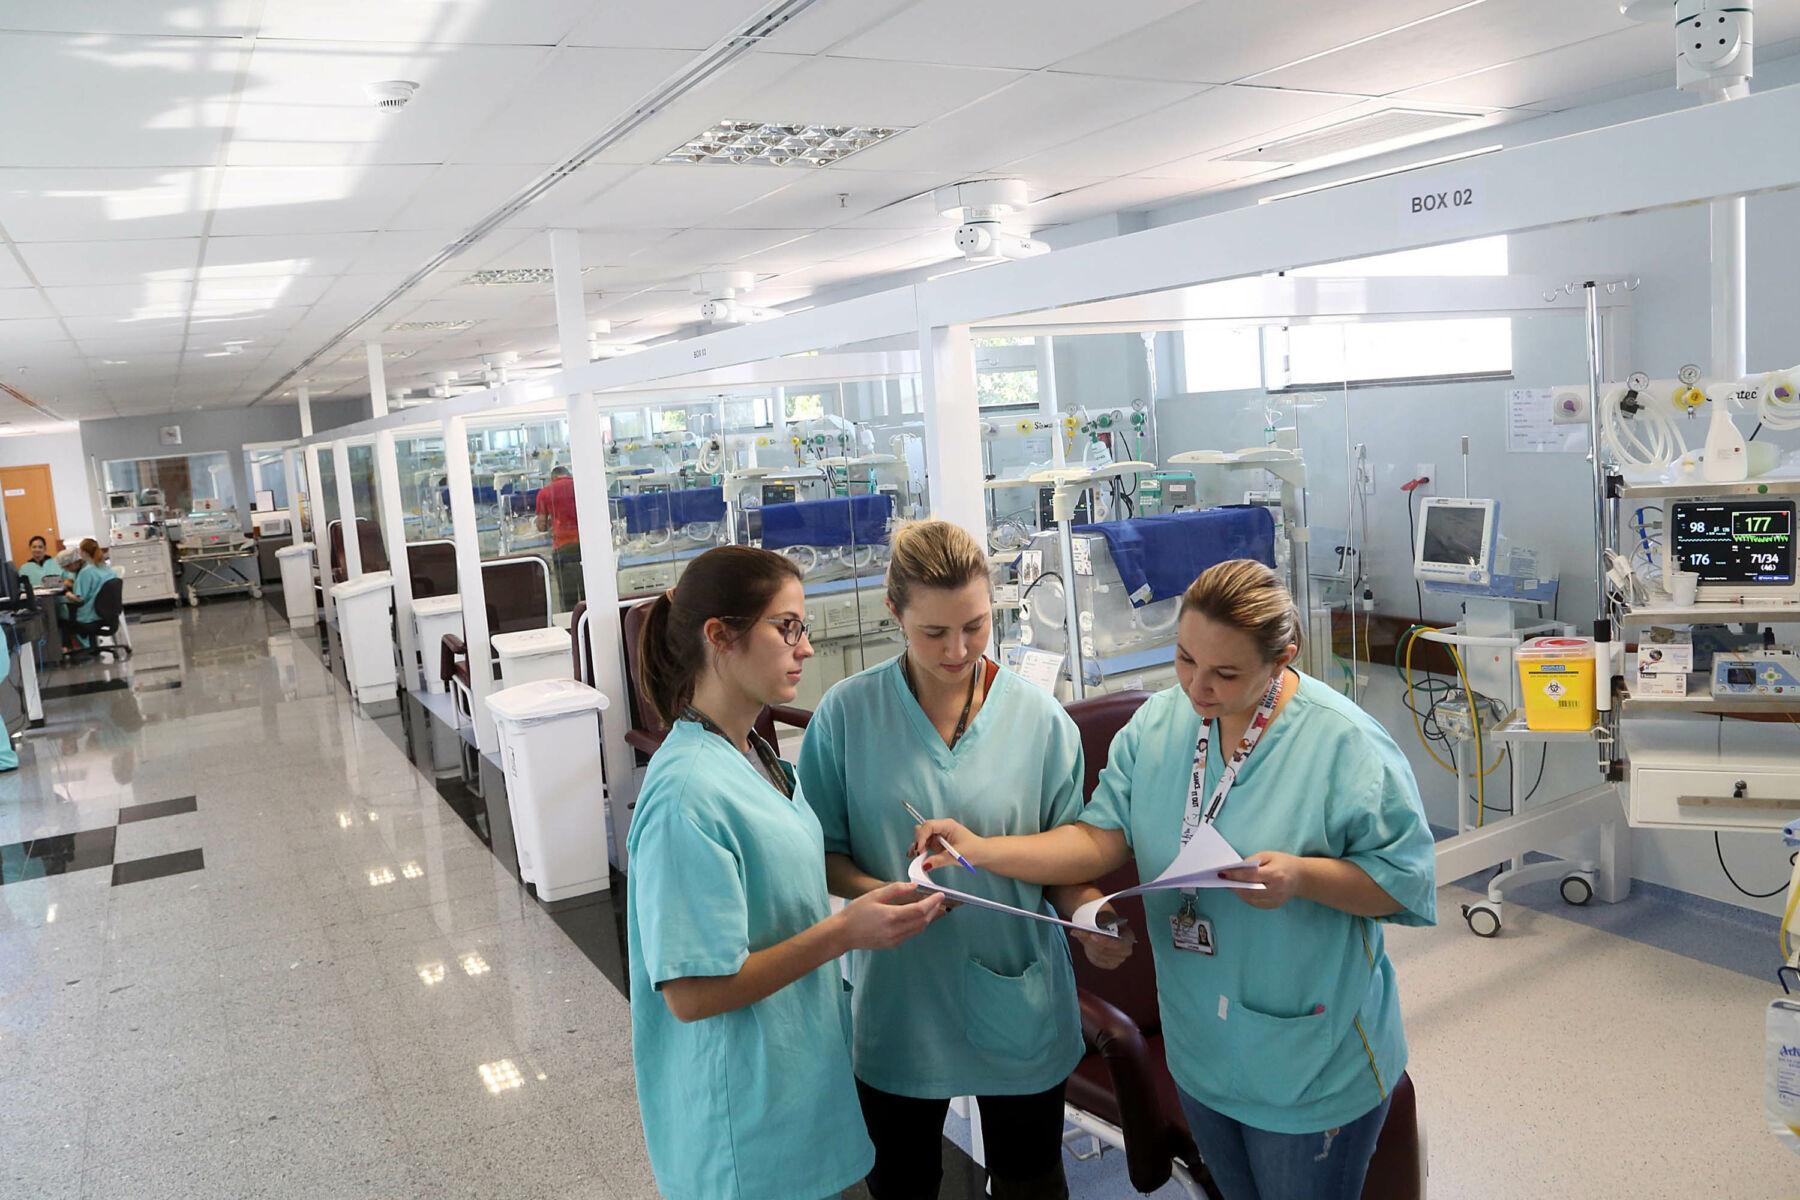 Universidades irão atuar em programa de prevenção ao avanço do coronavírus